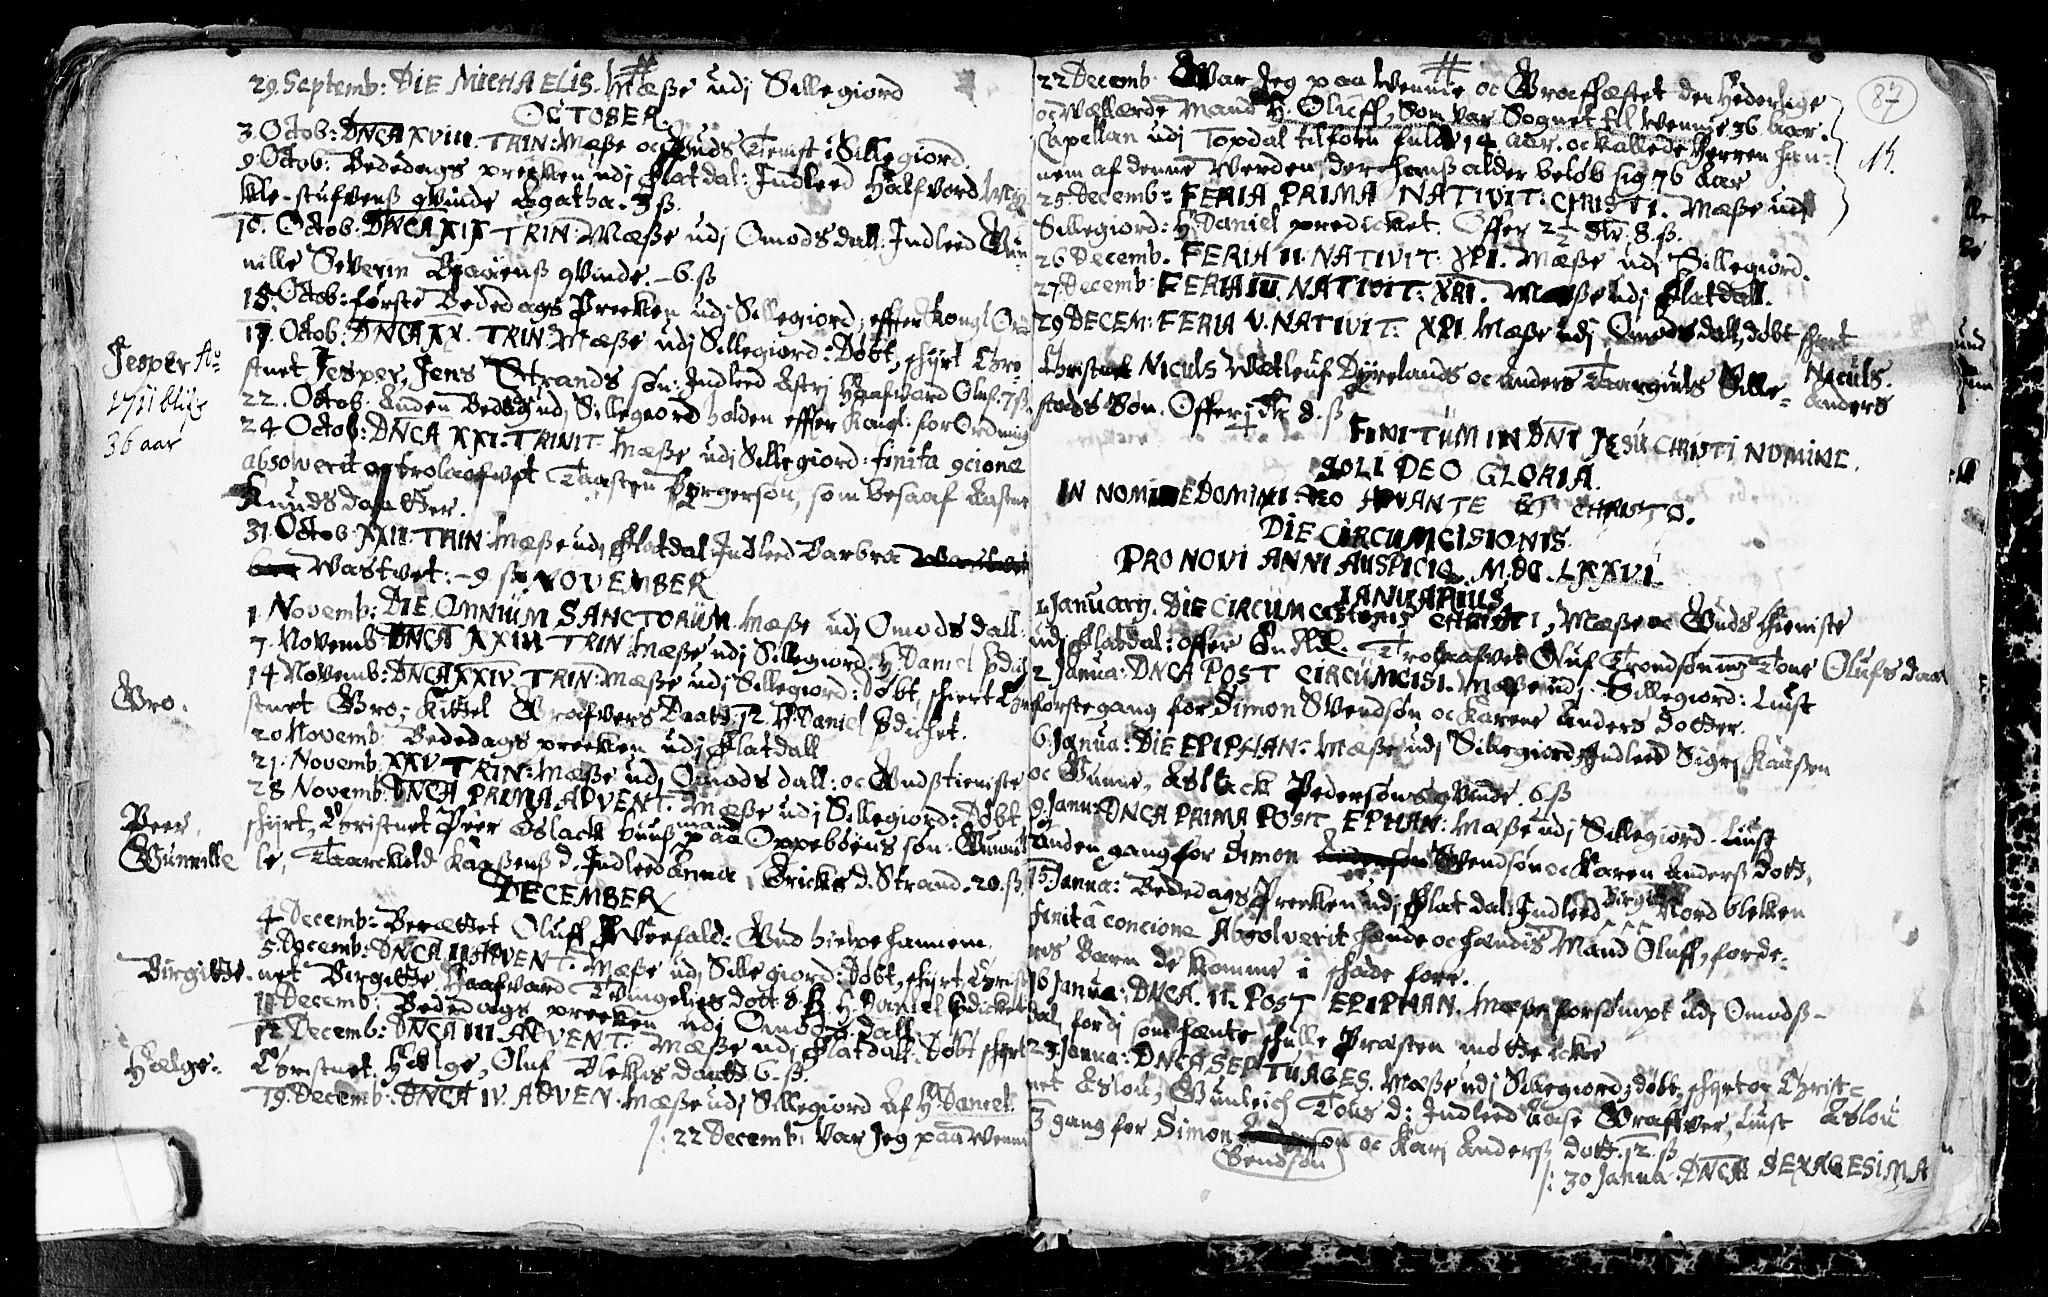 SAKO, Seljord kirkebøker, F/Fa/L0001: Ministerialbok nr. I 1, 1654-1686, s. 87